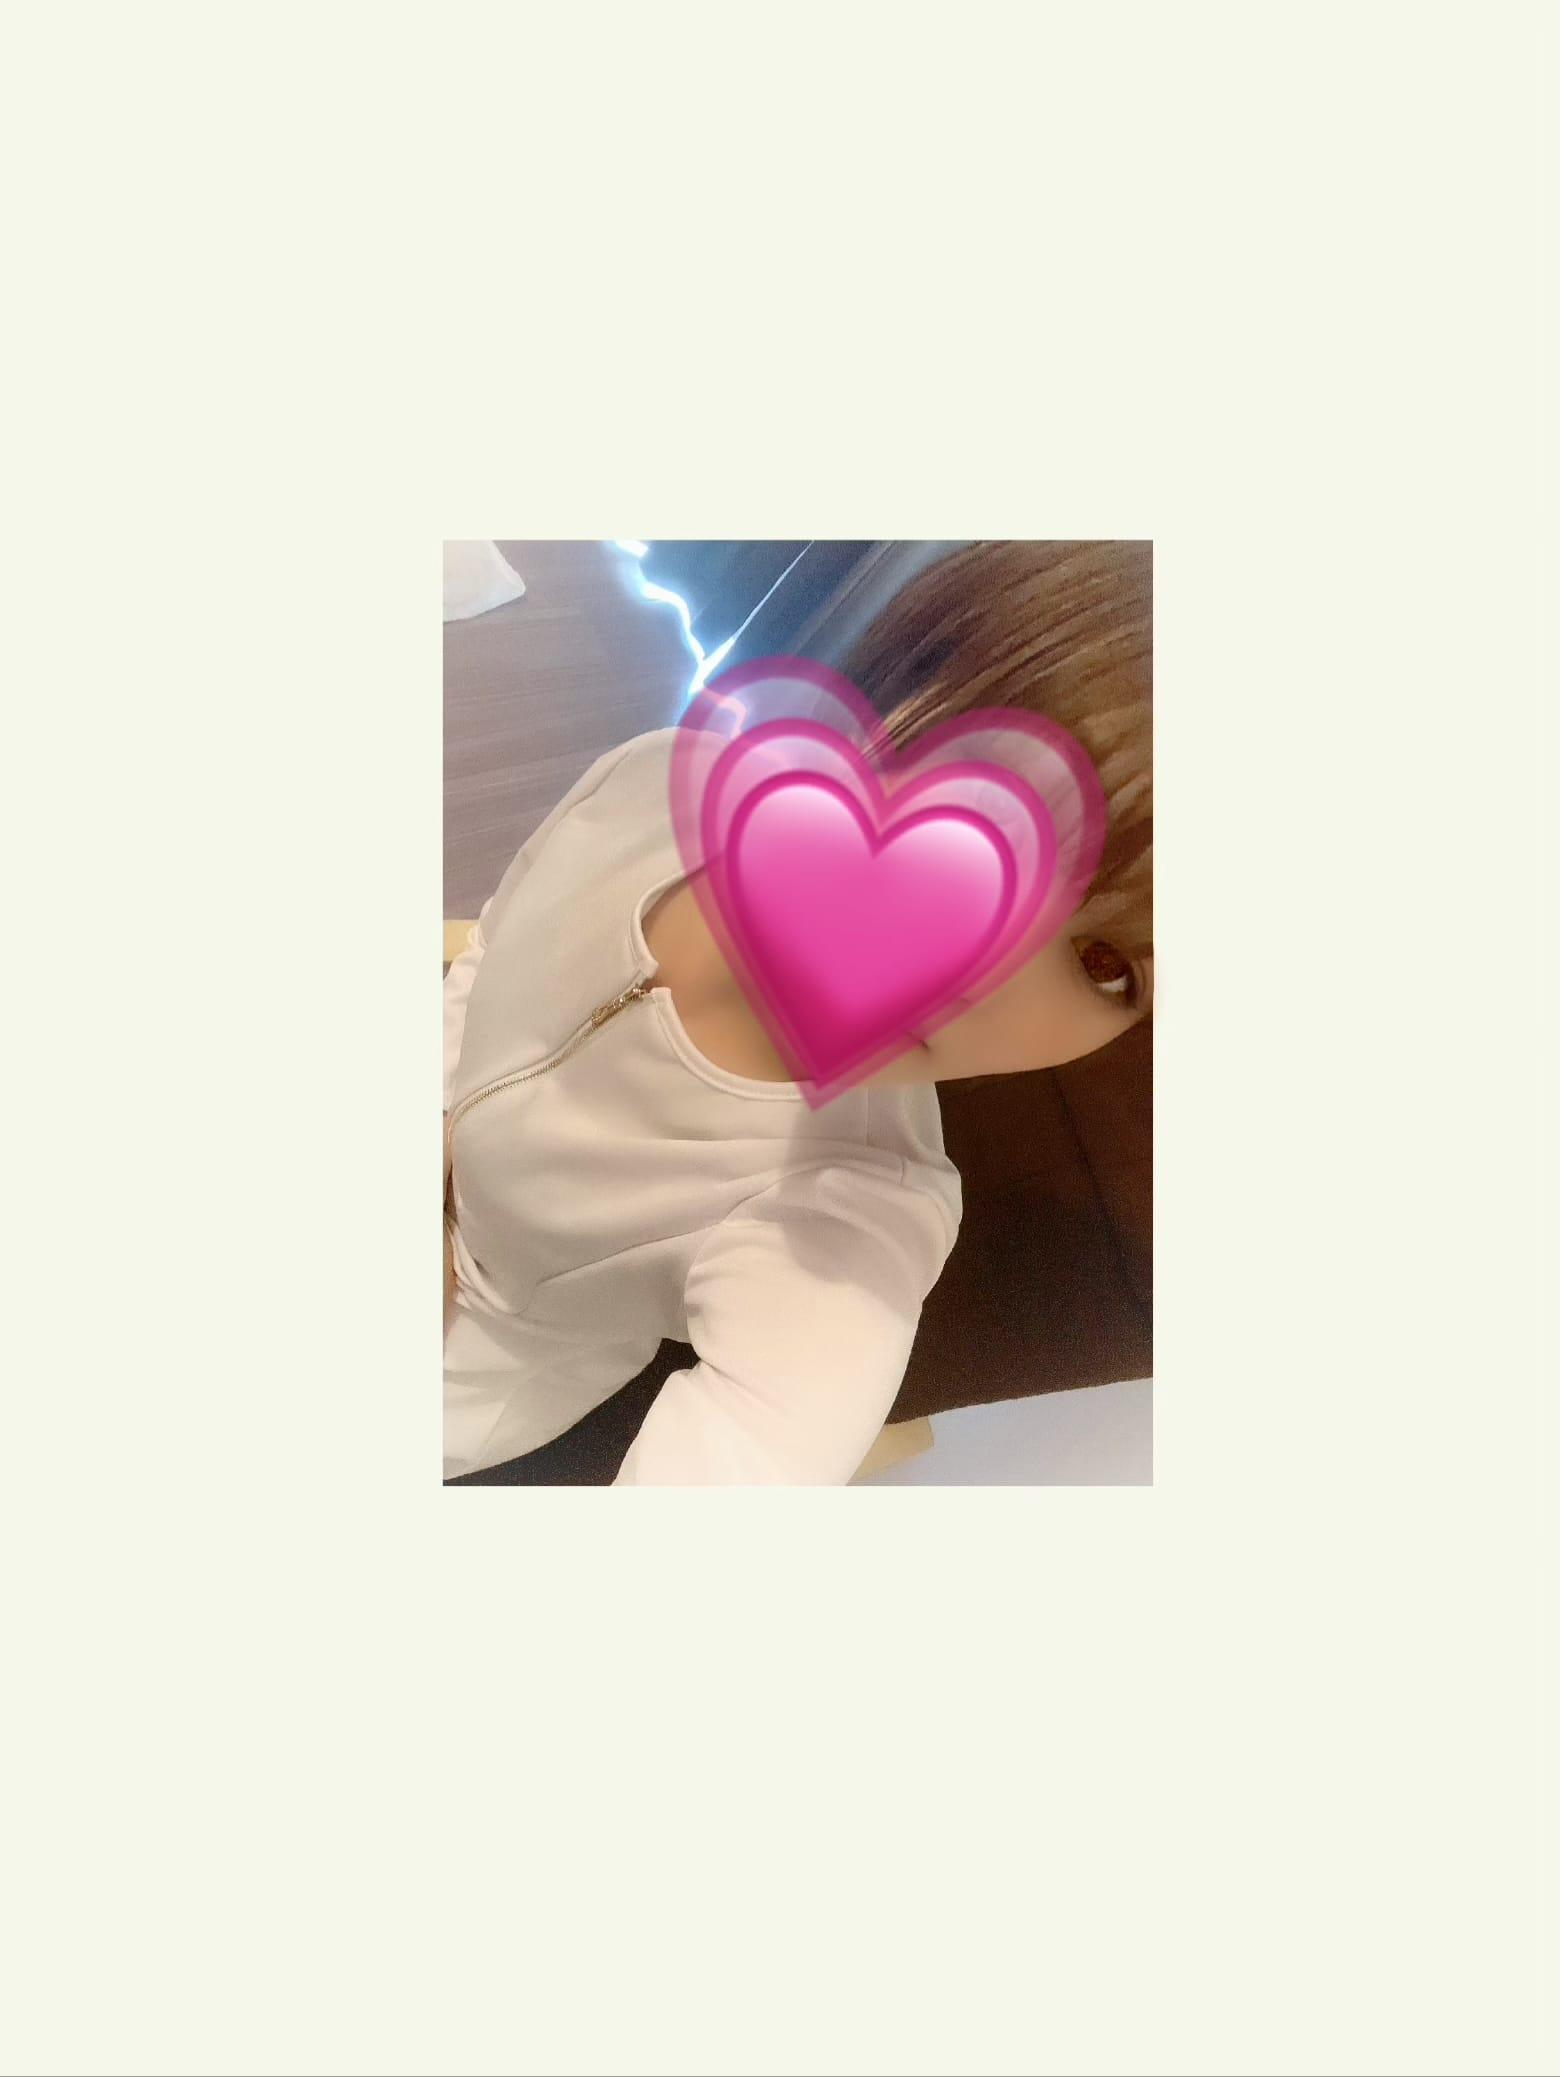 「お礼❤︎」04/25(04/25) 16:47 | じゅんの写メ